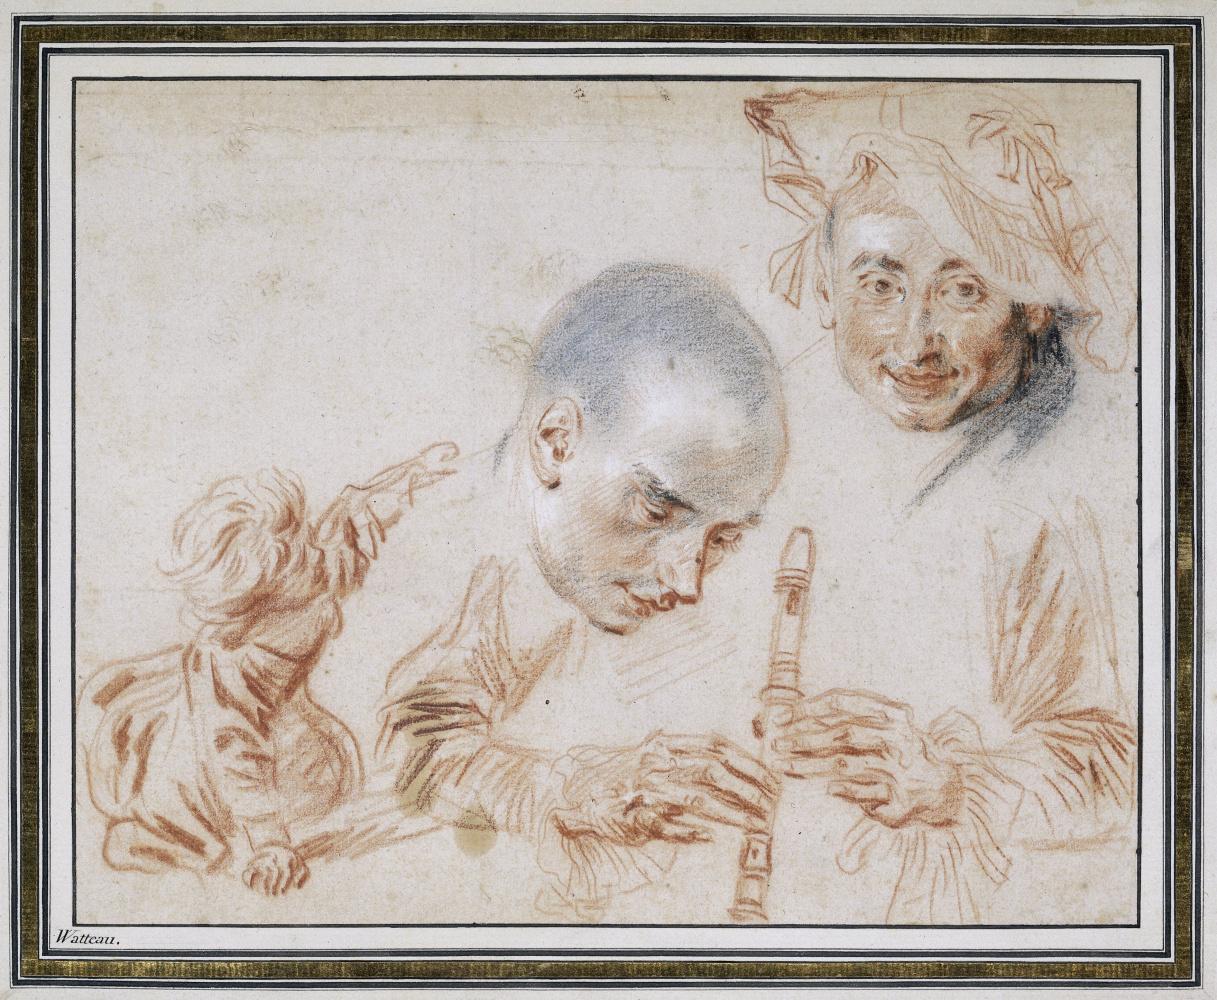 Антуан Ватто. Эскиз ползающего ребенка, двух мужских голов и рук, играющих на флейте